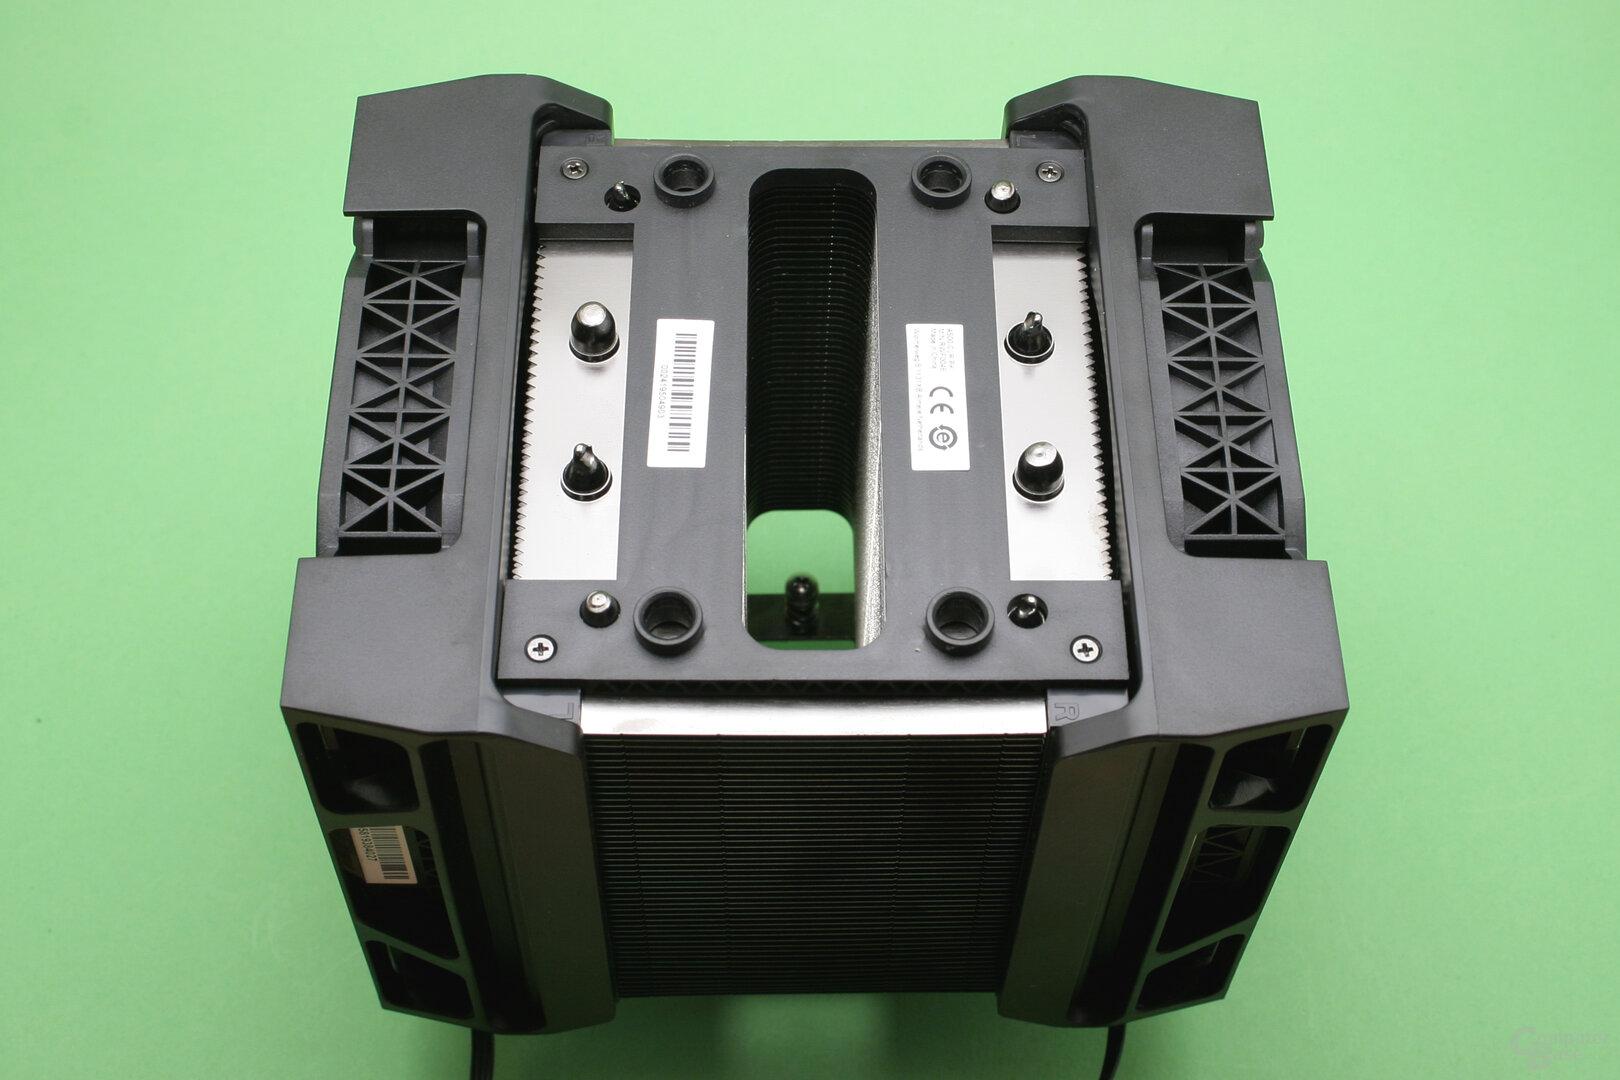 Corsair A500: Die Zierblende kann einfach abgezogen werden